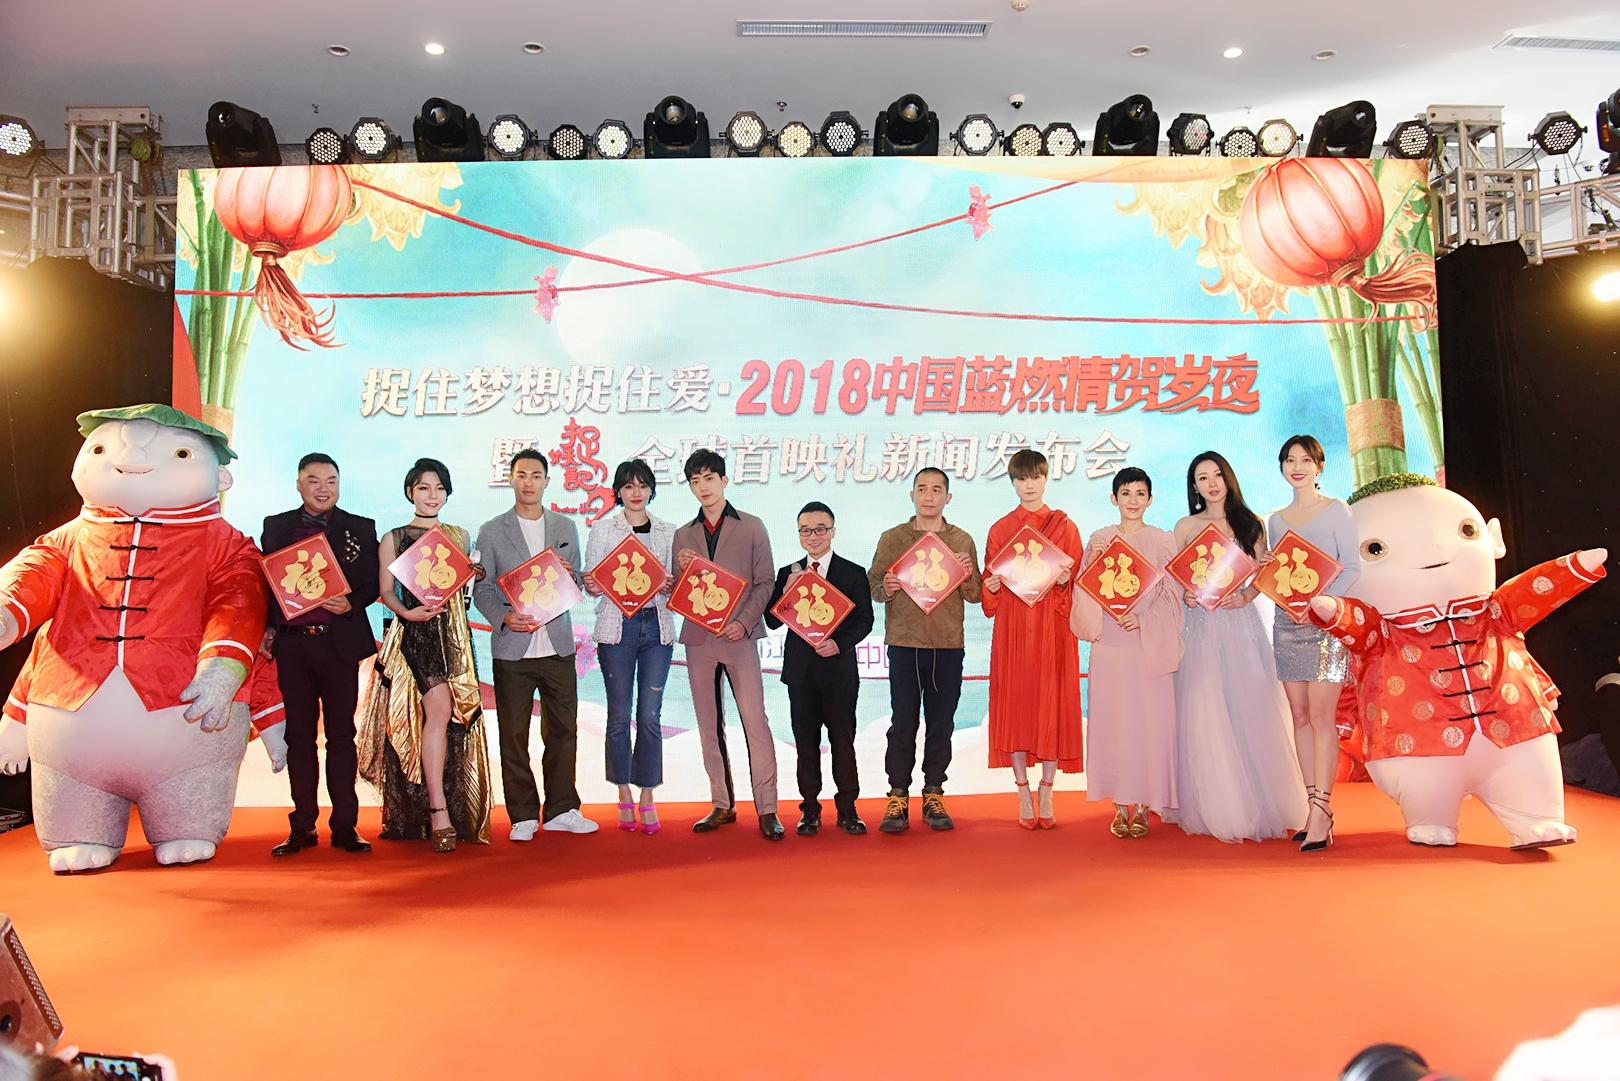 《捉妖记2》+贺岁大狂欢 浙江卫视春晚玩跨界